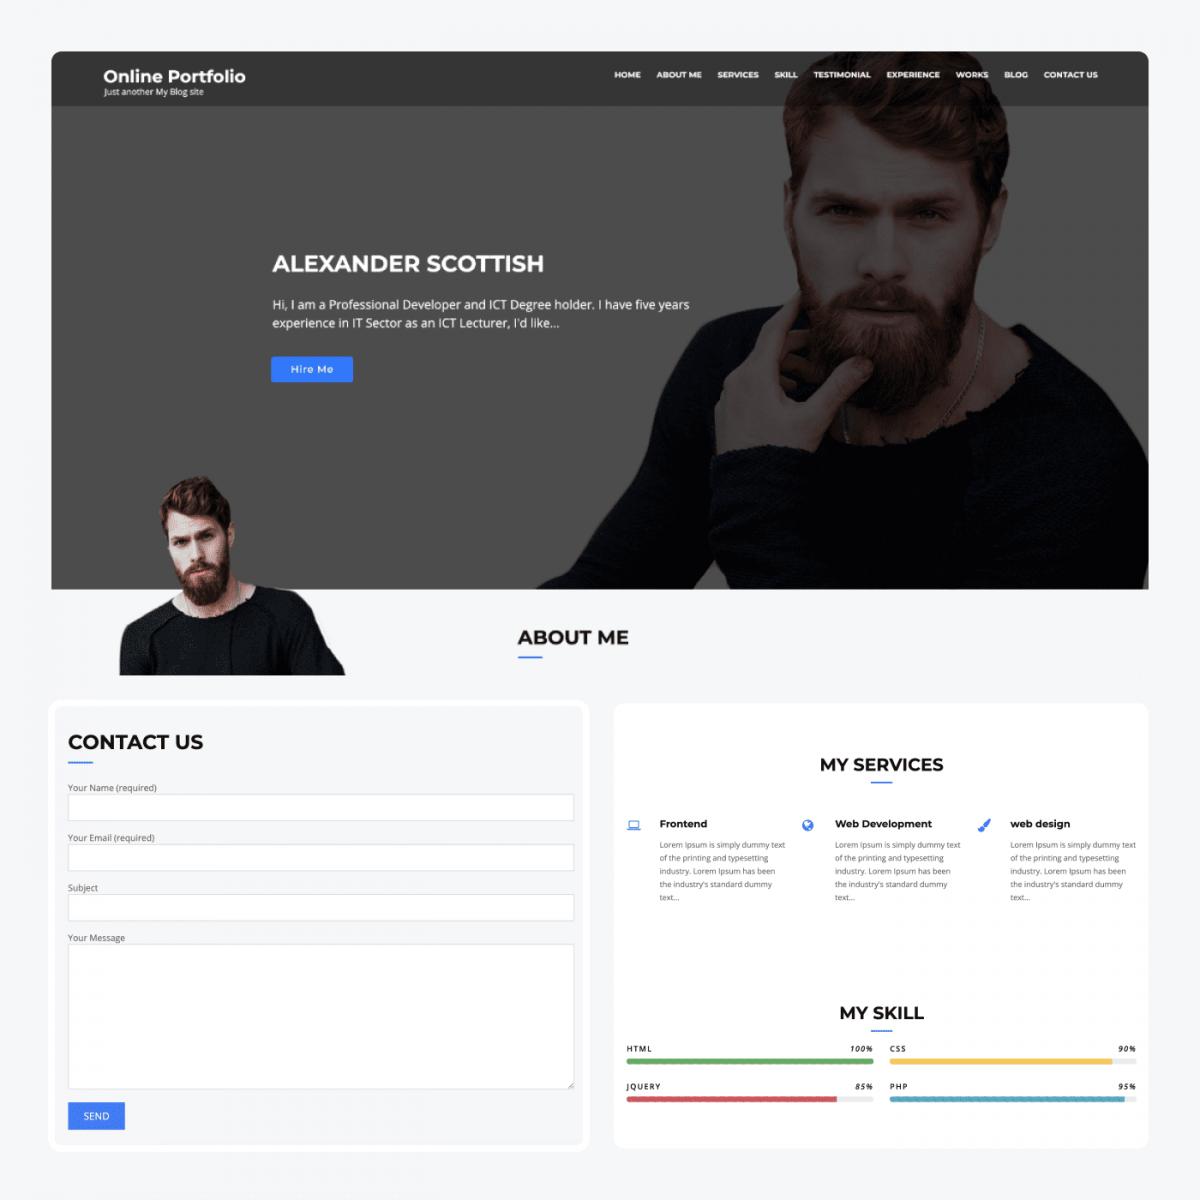 Online Portfolio theme demo